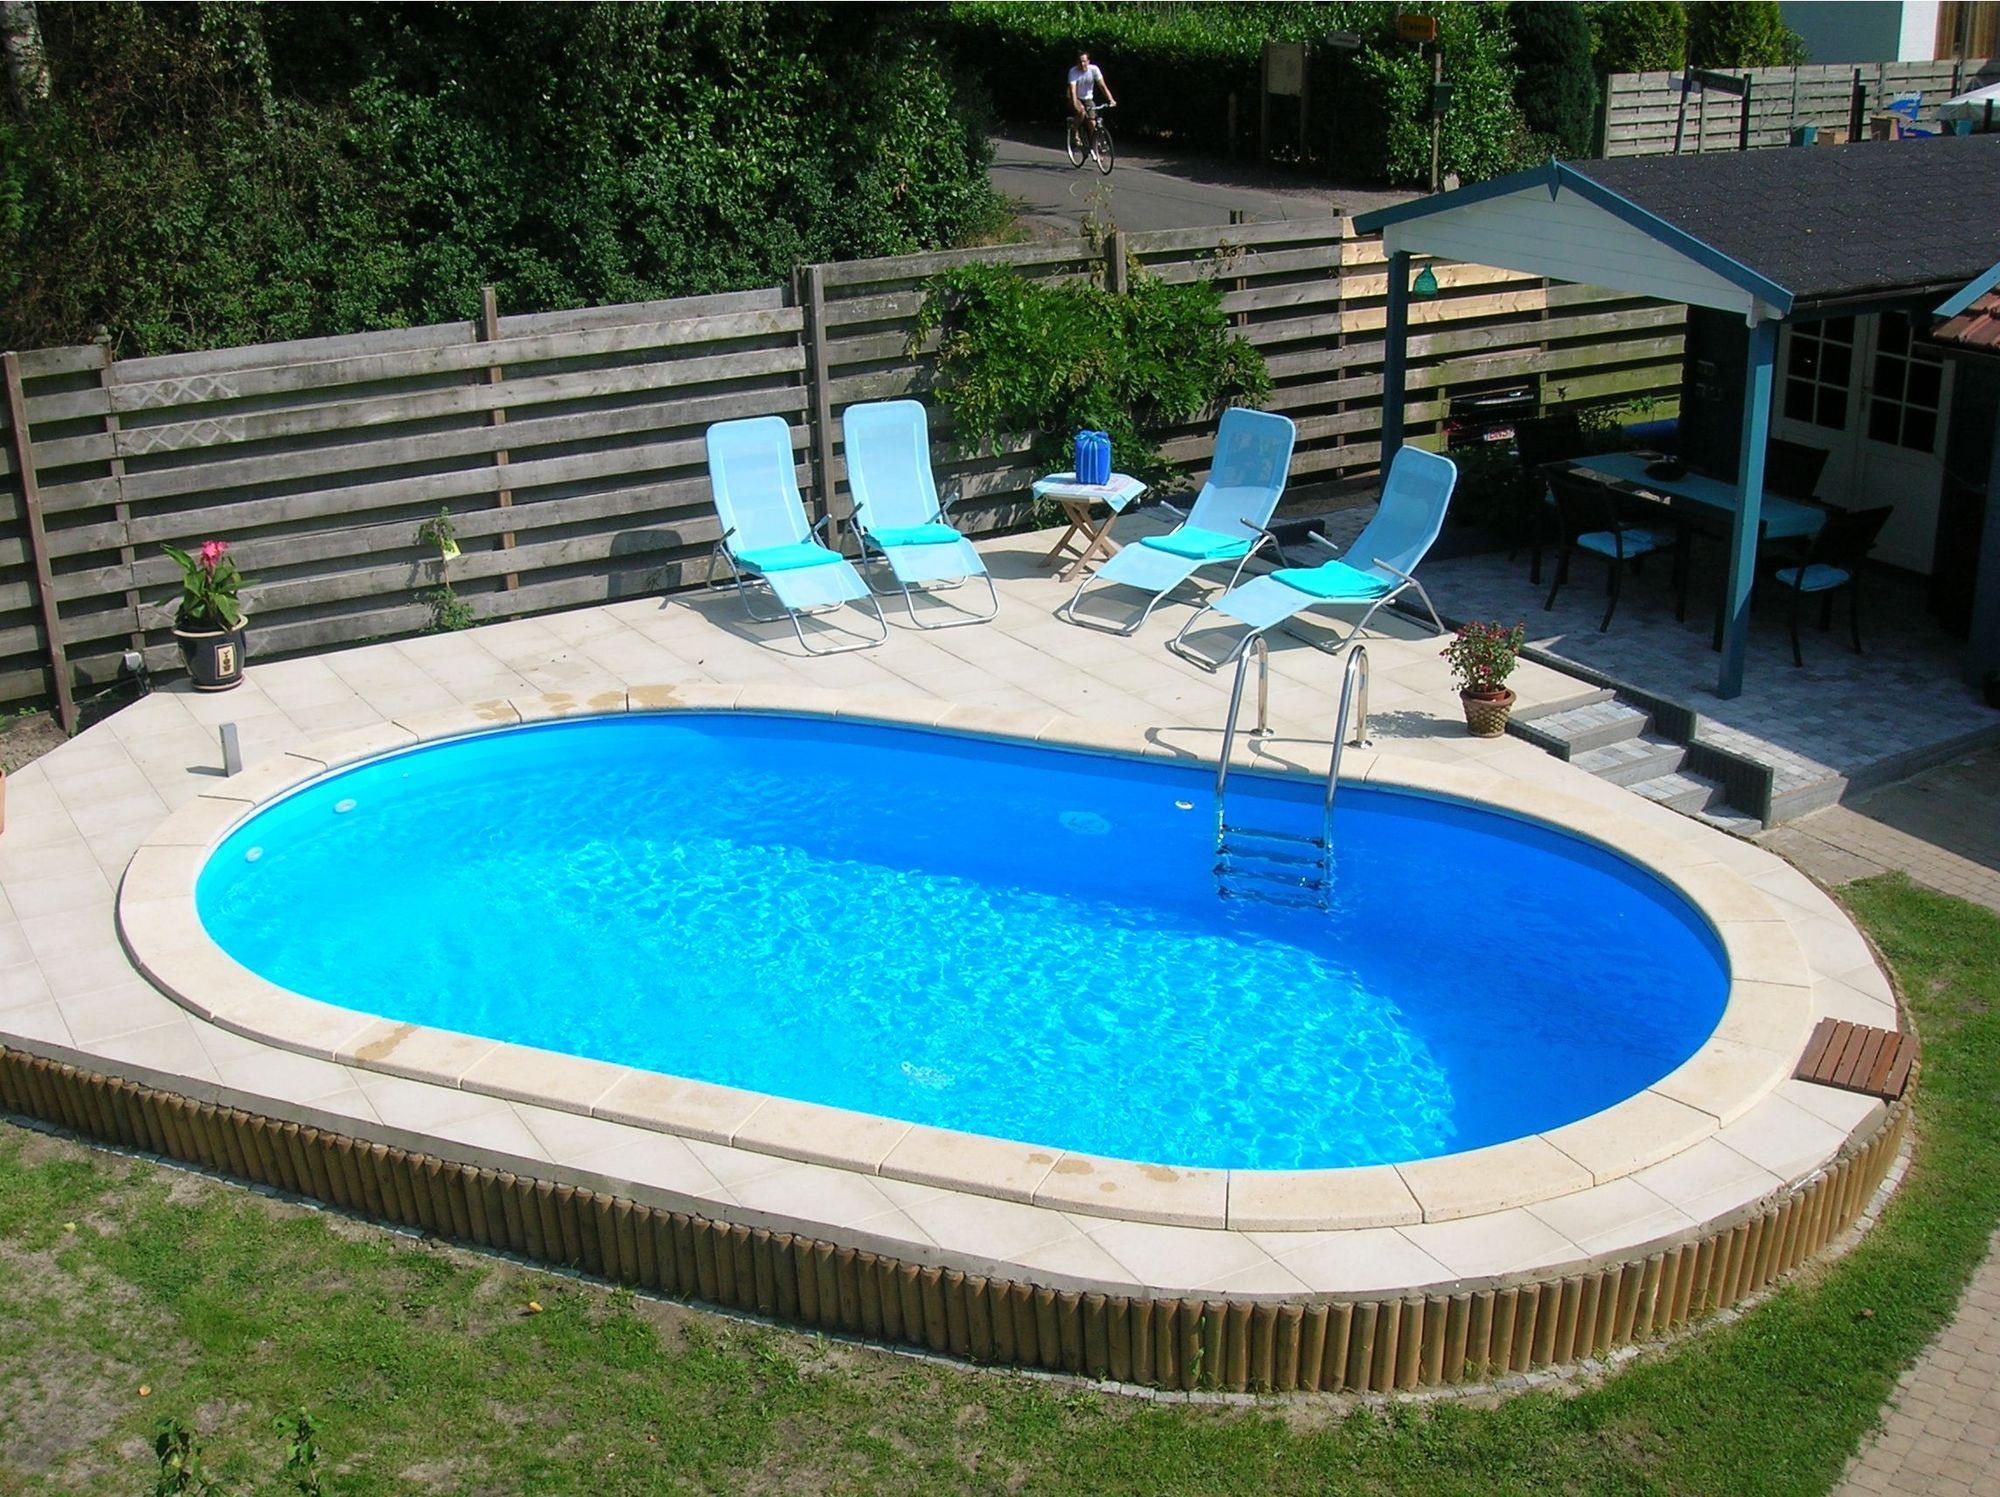 Afbeelding van Happy Pool Ovaal Metalen Zwembad 486 x 250 cm (hoogte 120cm)